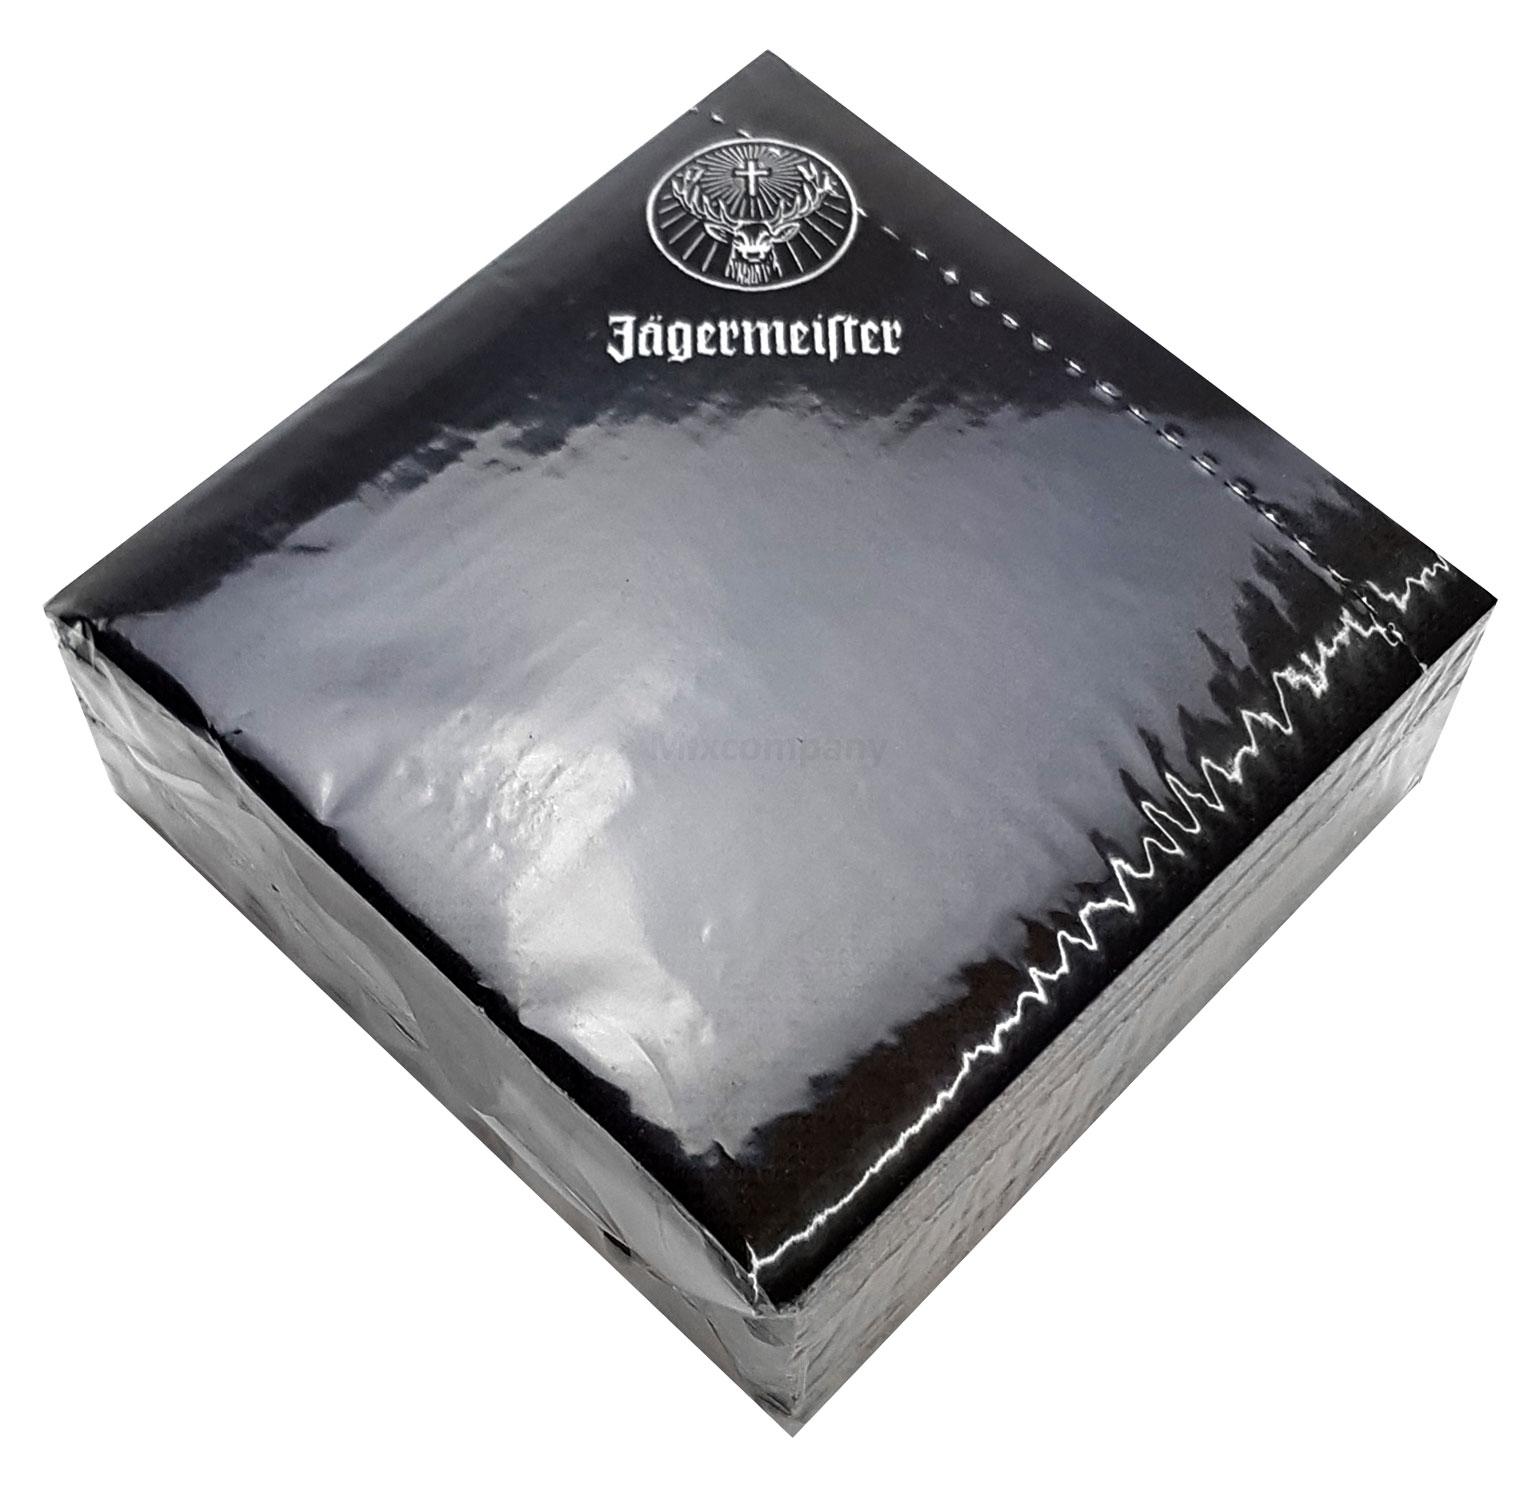 Jägermeister Servietten Cocktailservietten - Maße 12x12cm - 24x24cm (offen)